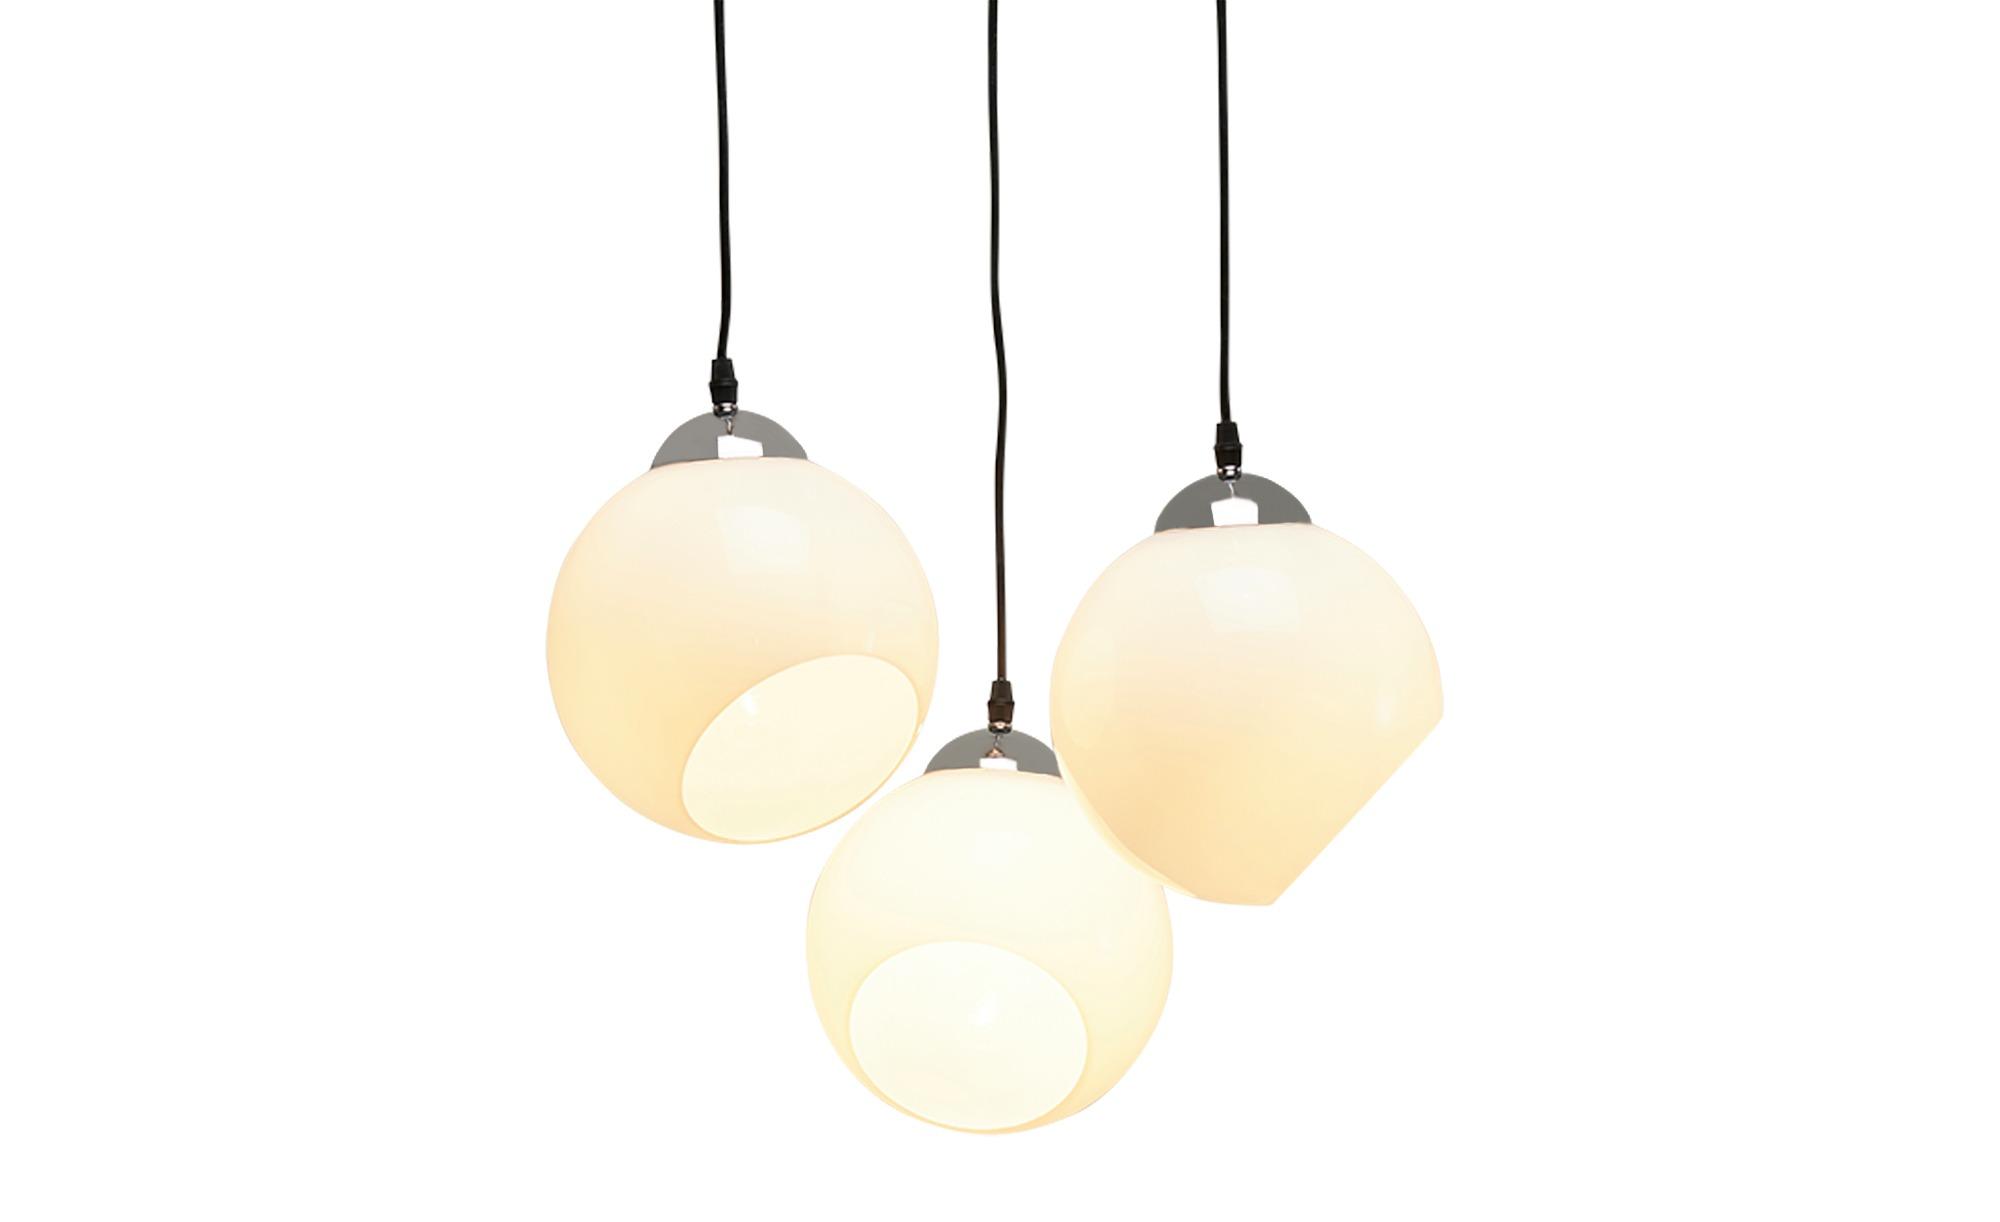 Pendelleuchte, 3-flammig, chrom mit weißen Glaskugeln ¦ weiß ¦ Maße (cm): H: 150 Ø: 35 Lampen & Leuchten > Innenleuchten > Pendelleuchten - Höffner